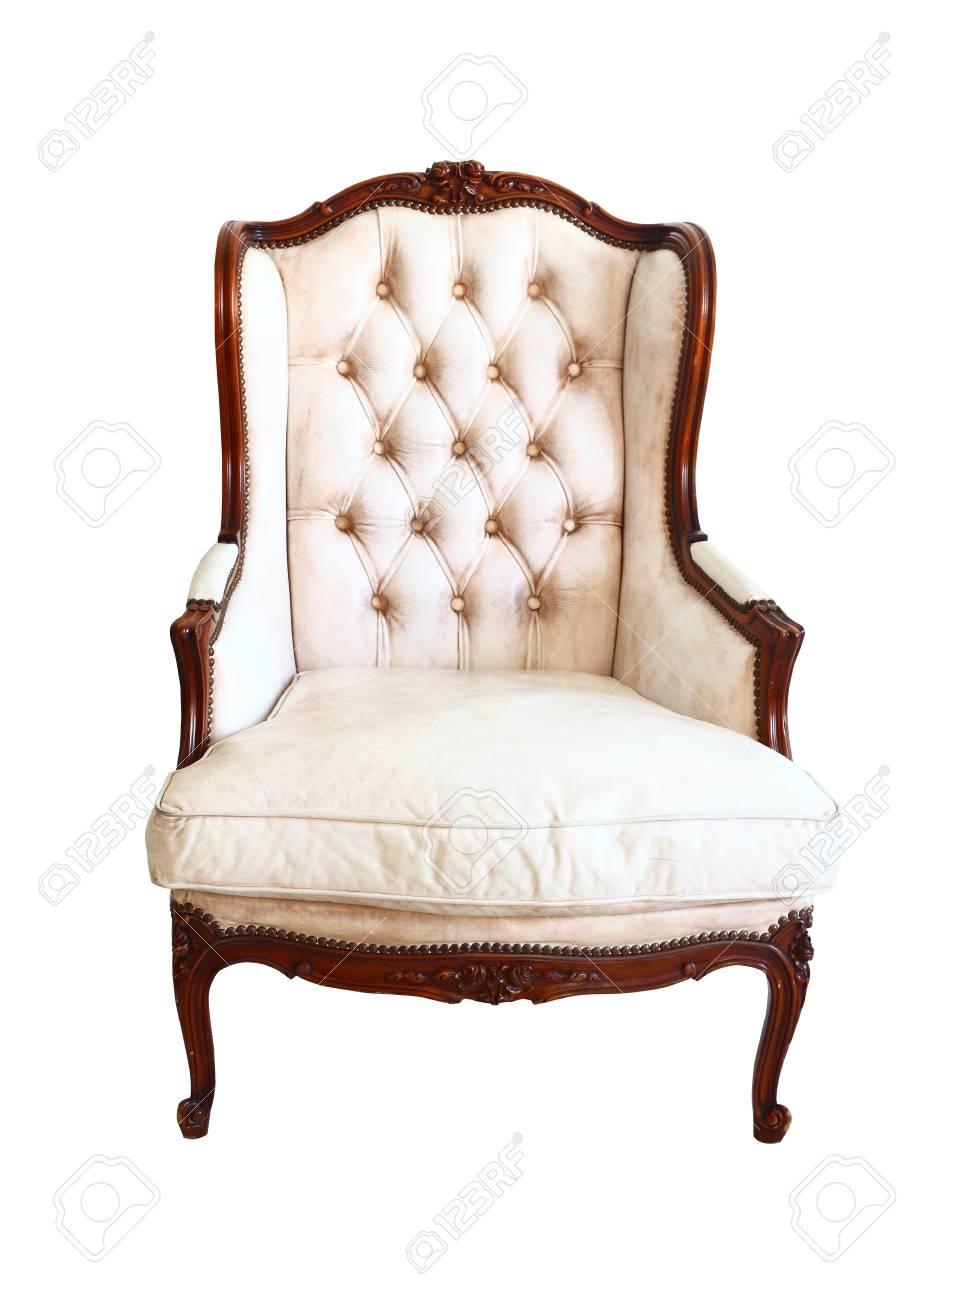 Luxuriöse Sessel Vintage Lizenzfreie Fotos Bilder Und Stock